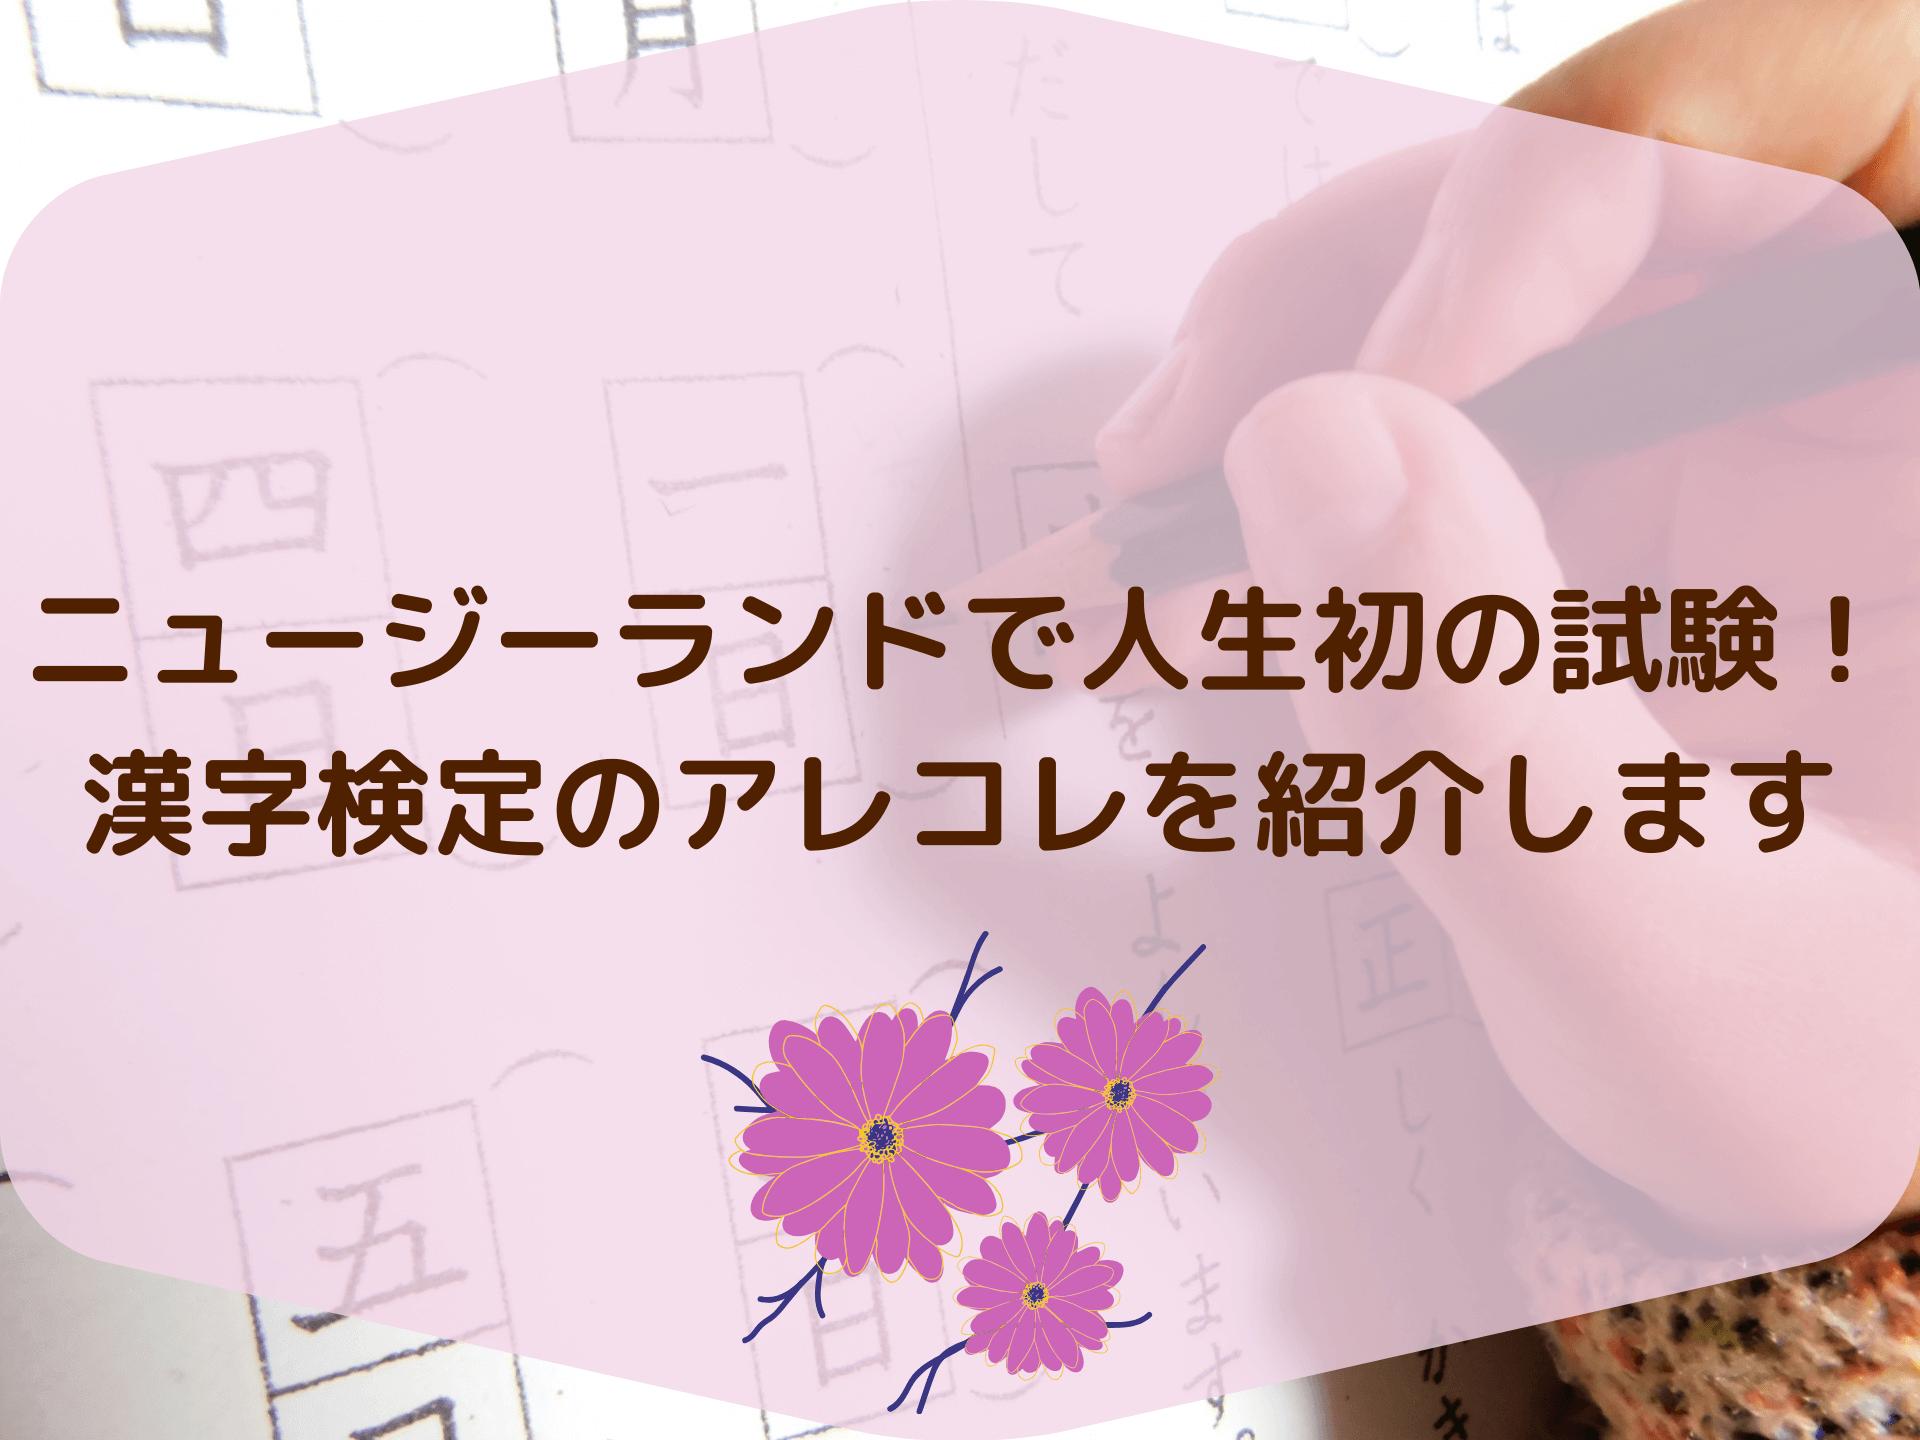 ニュージーランドで人生初の試験!漢字検定のアレコレを紹介します